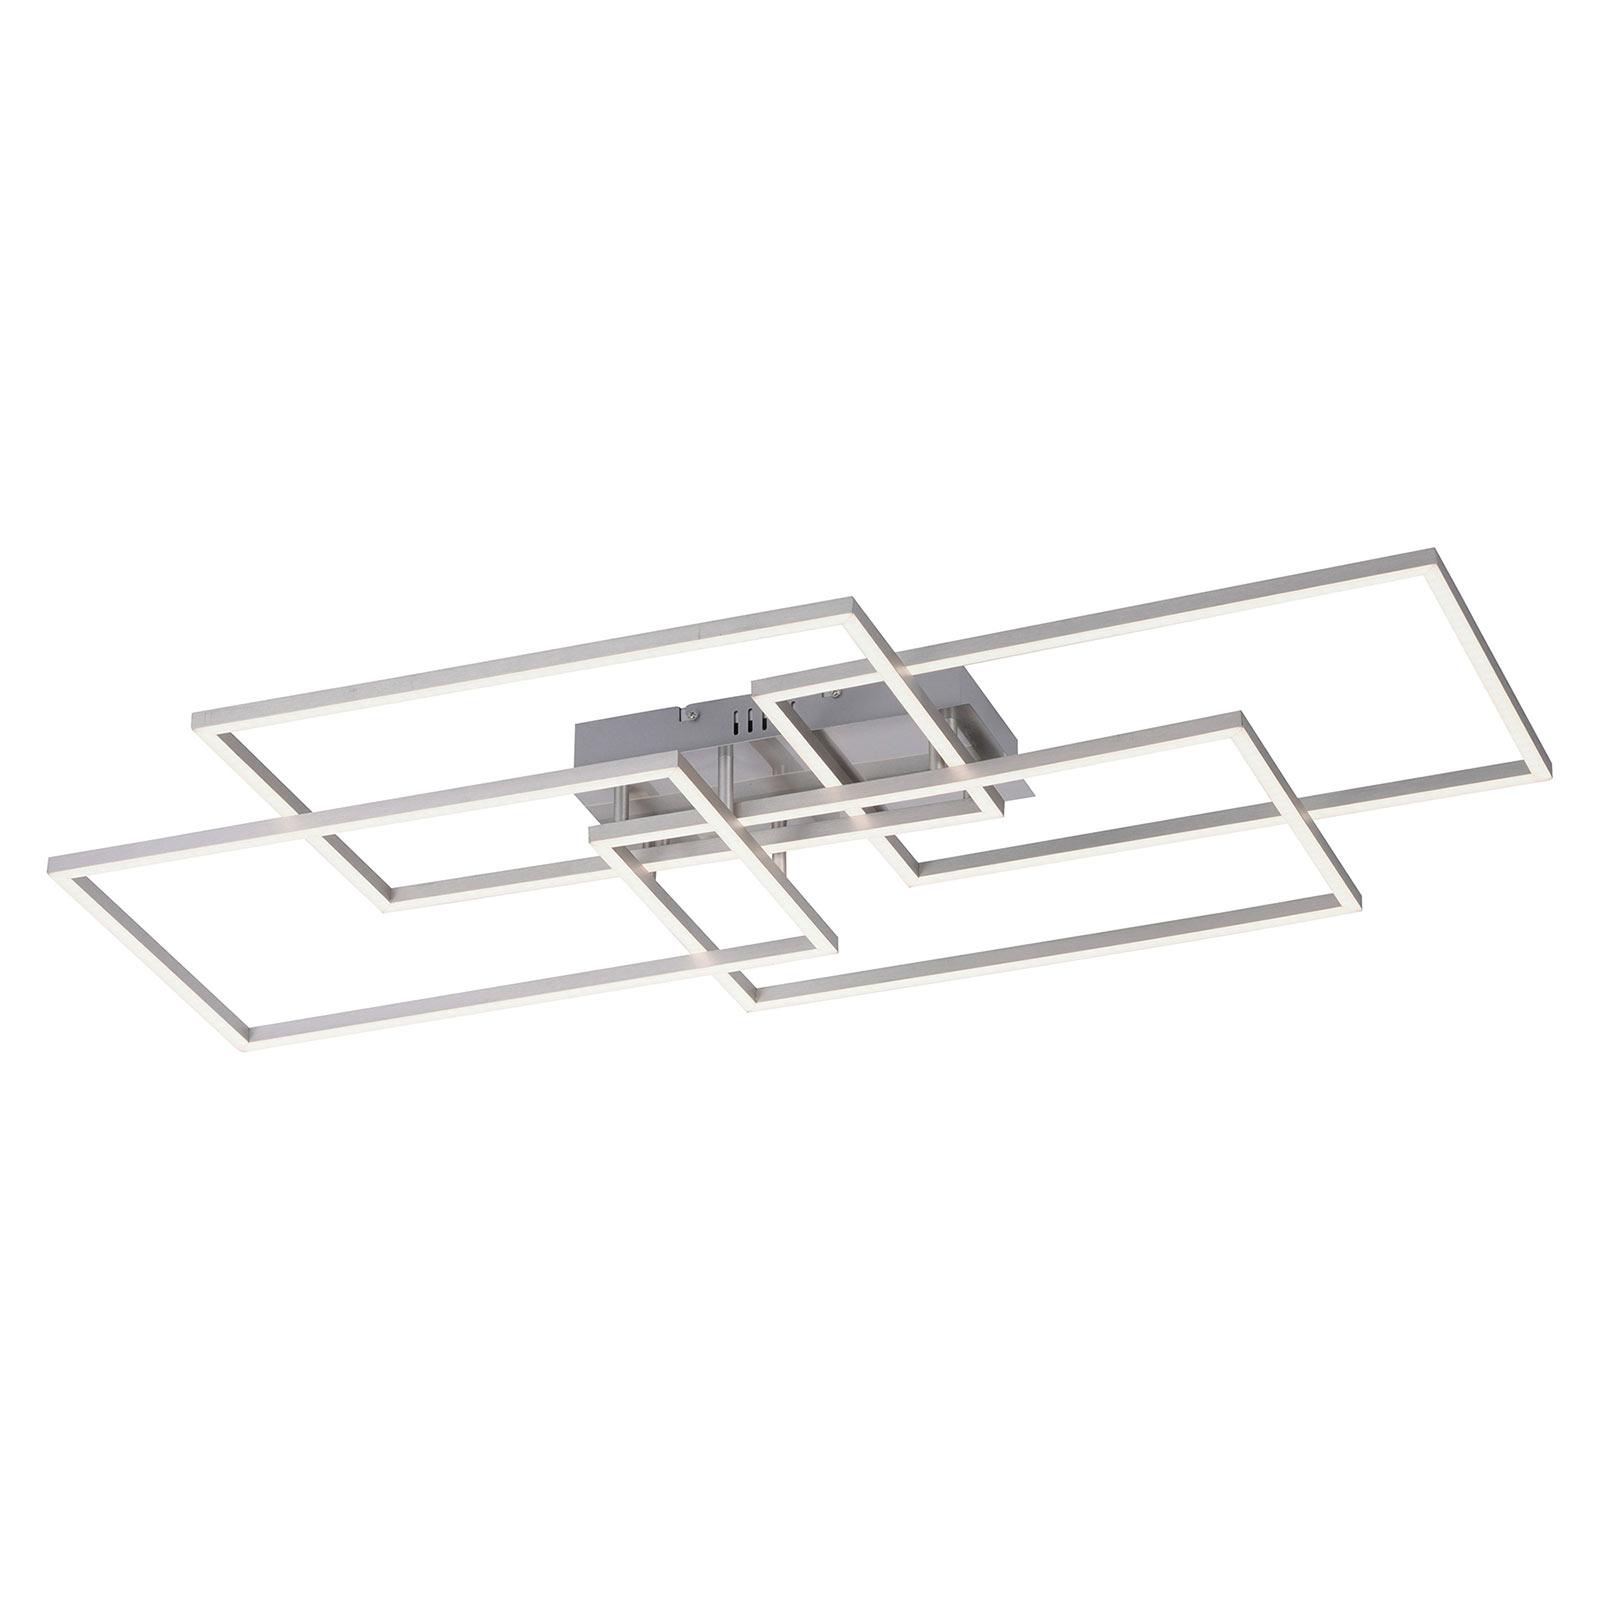 Iven LED-taklampe, stål, 4 lyskilder, kvadrat